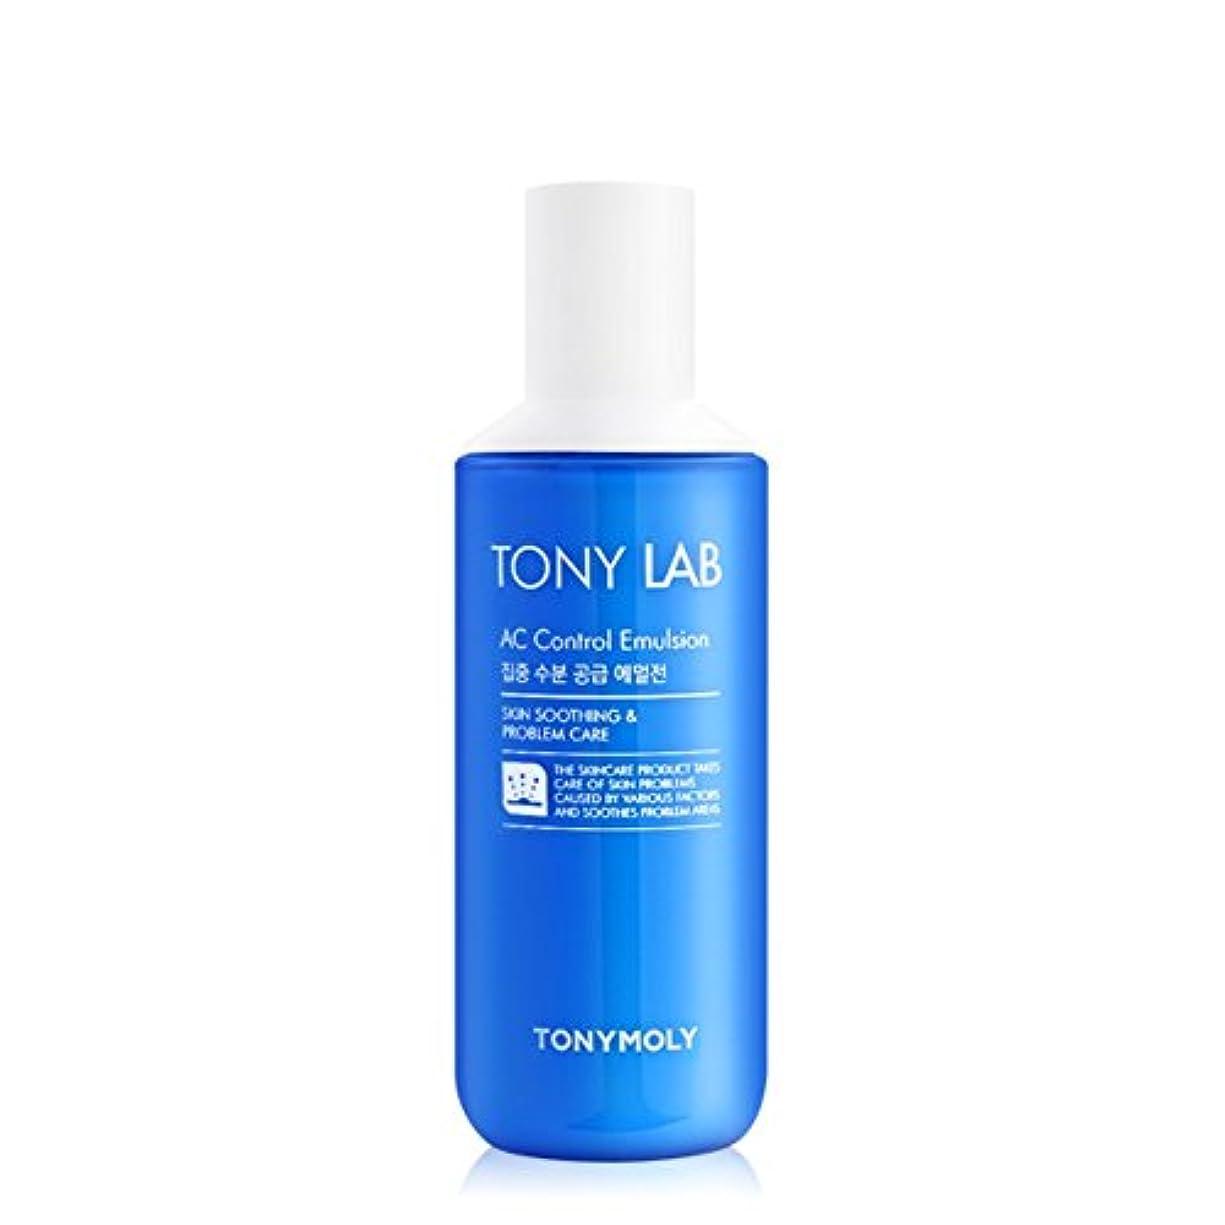 思春期の科学者後者[2016 New] TONYMOLY Tony Lab AC Control Emulsion 160ml/トニーモリー トニー ラボ AC コントロール エマルジョン 160ml [並行輸入品]